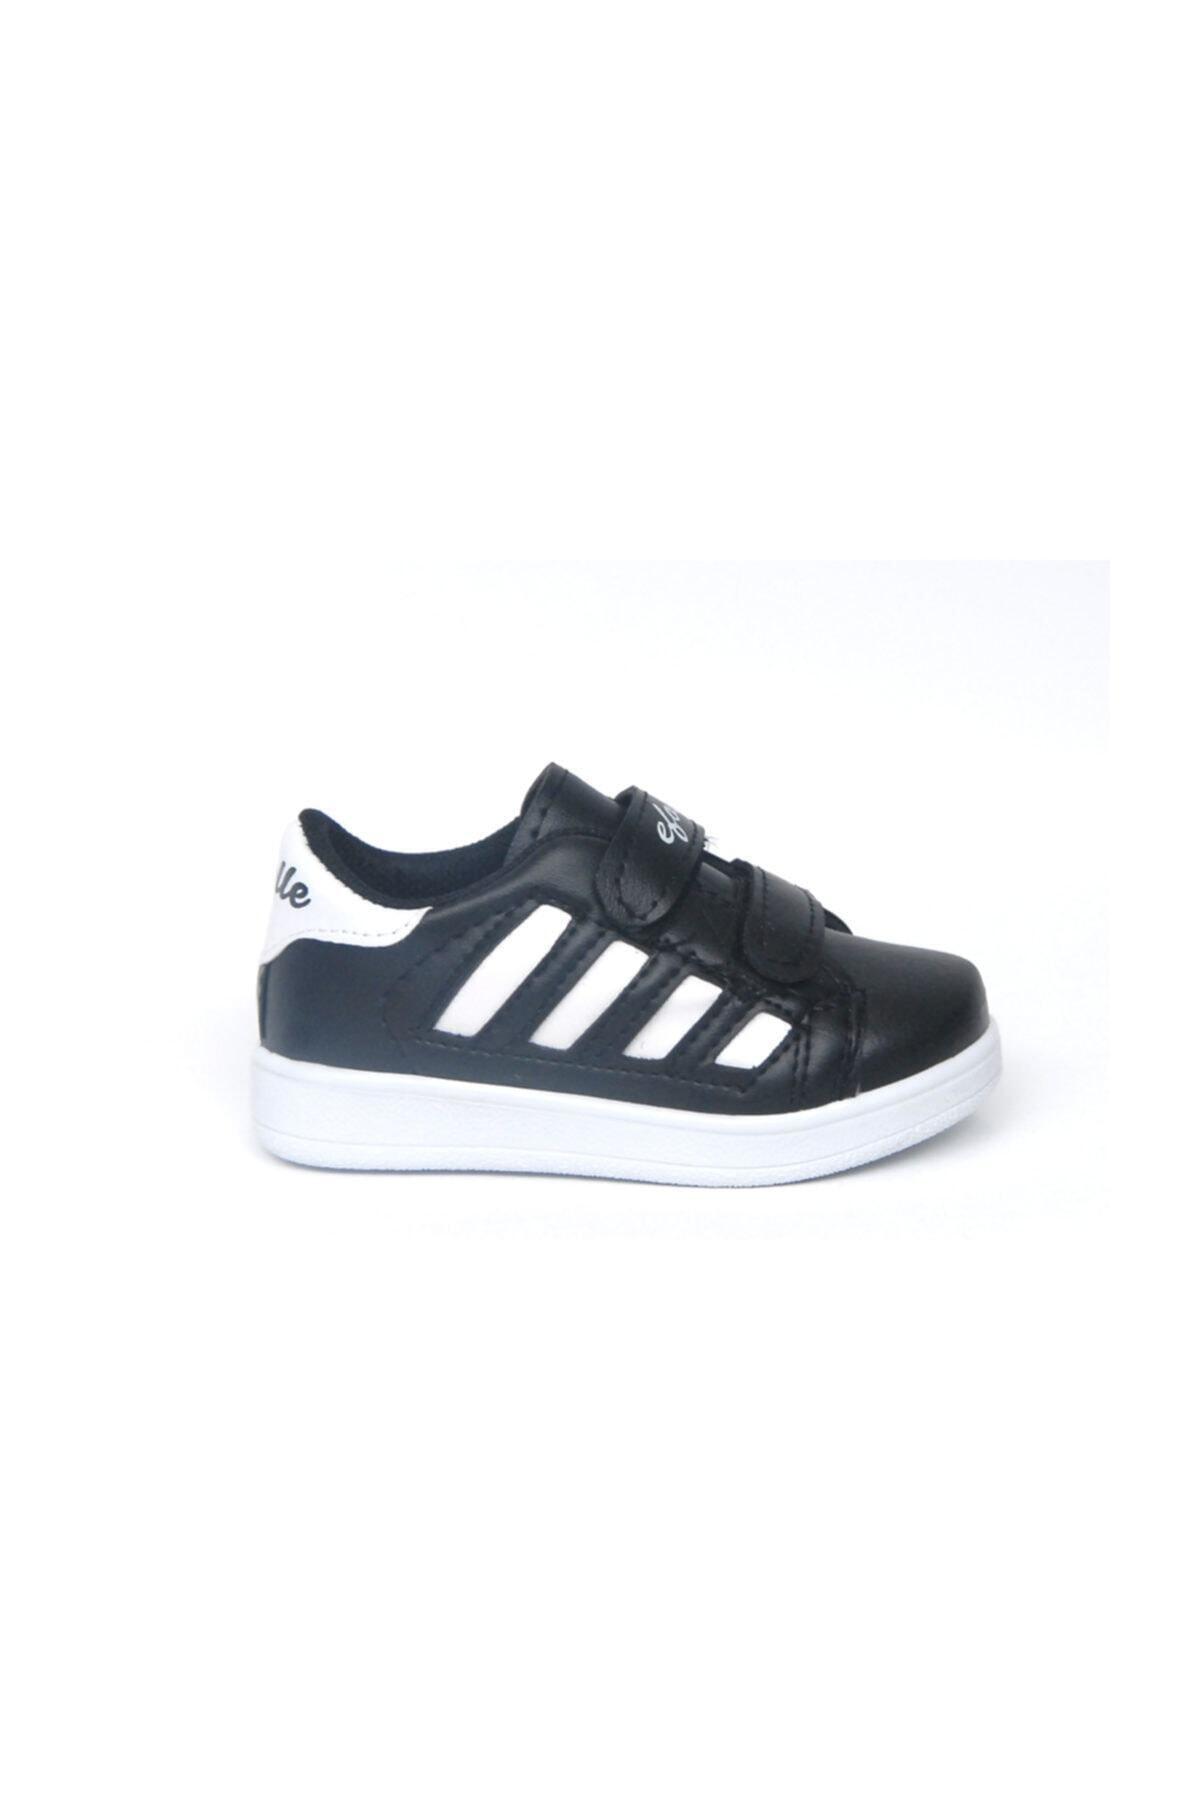 Efolle Spor Çocuk Ayakkabısı 1